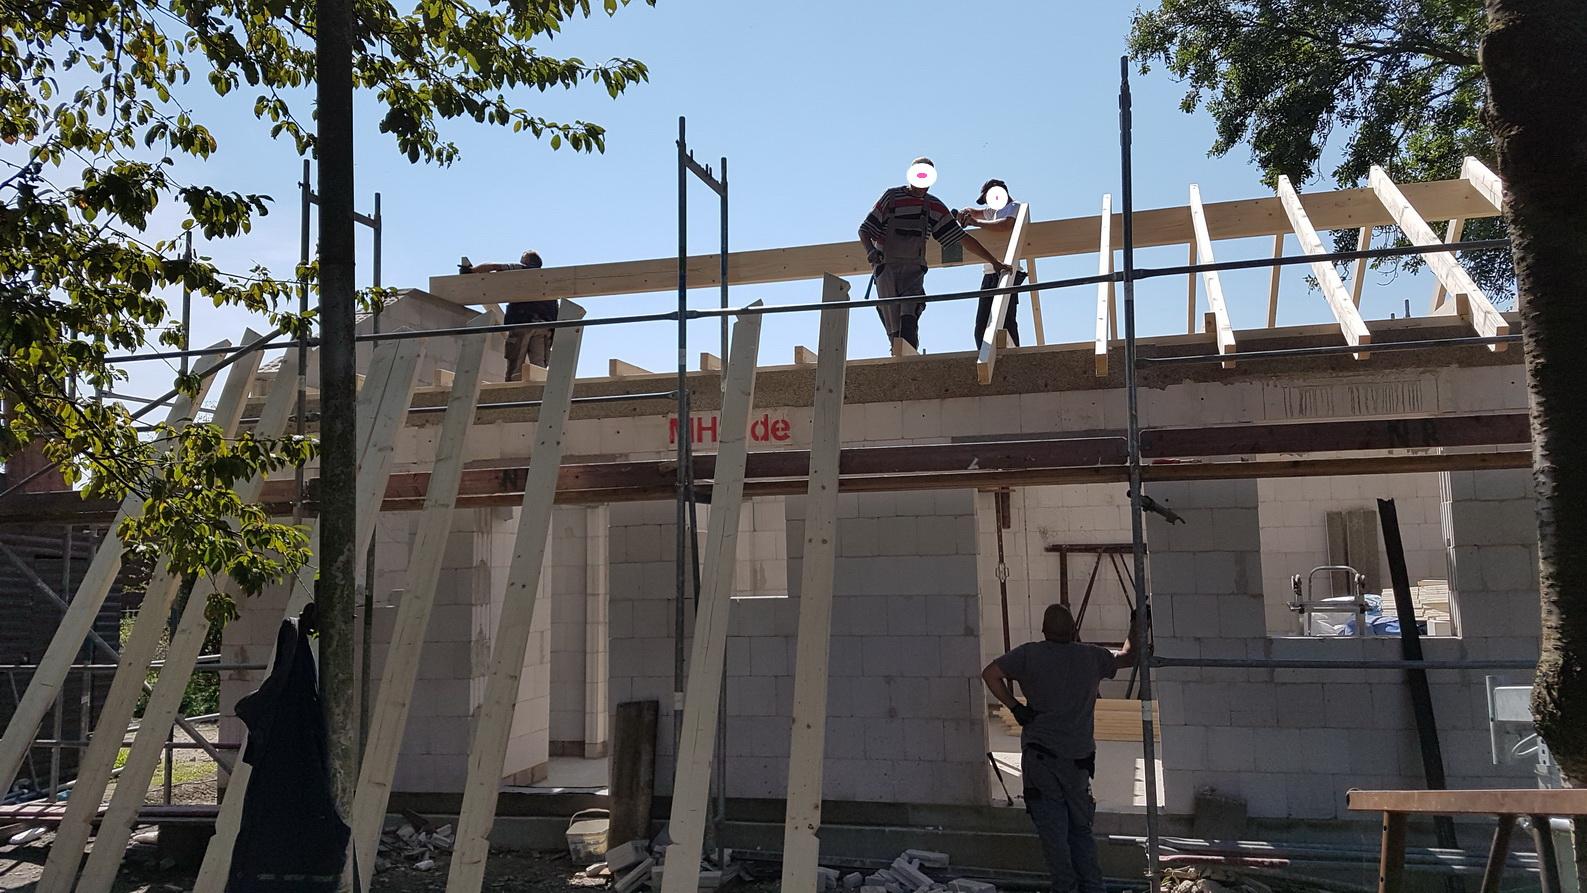 20170823_124715 Dachstuhl aufstellen a